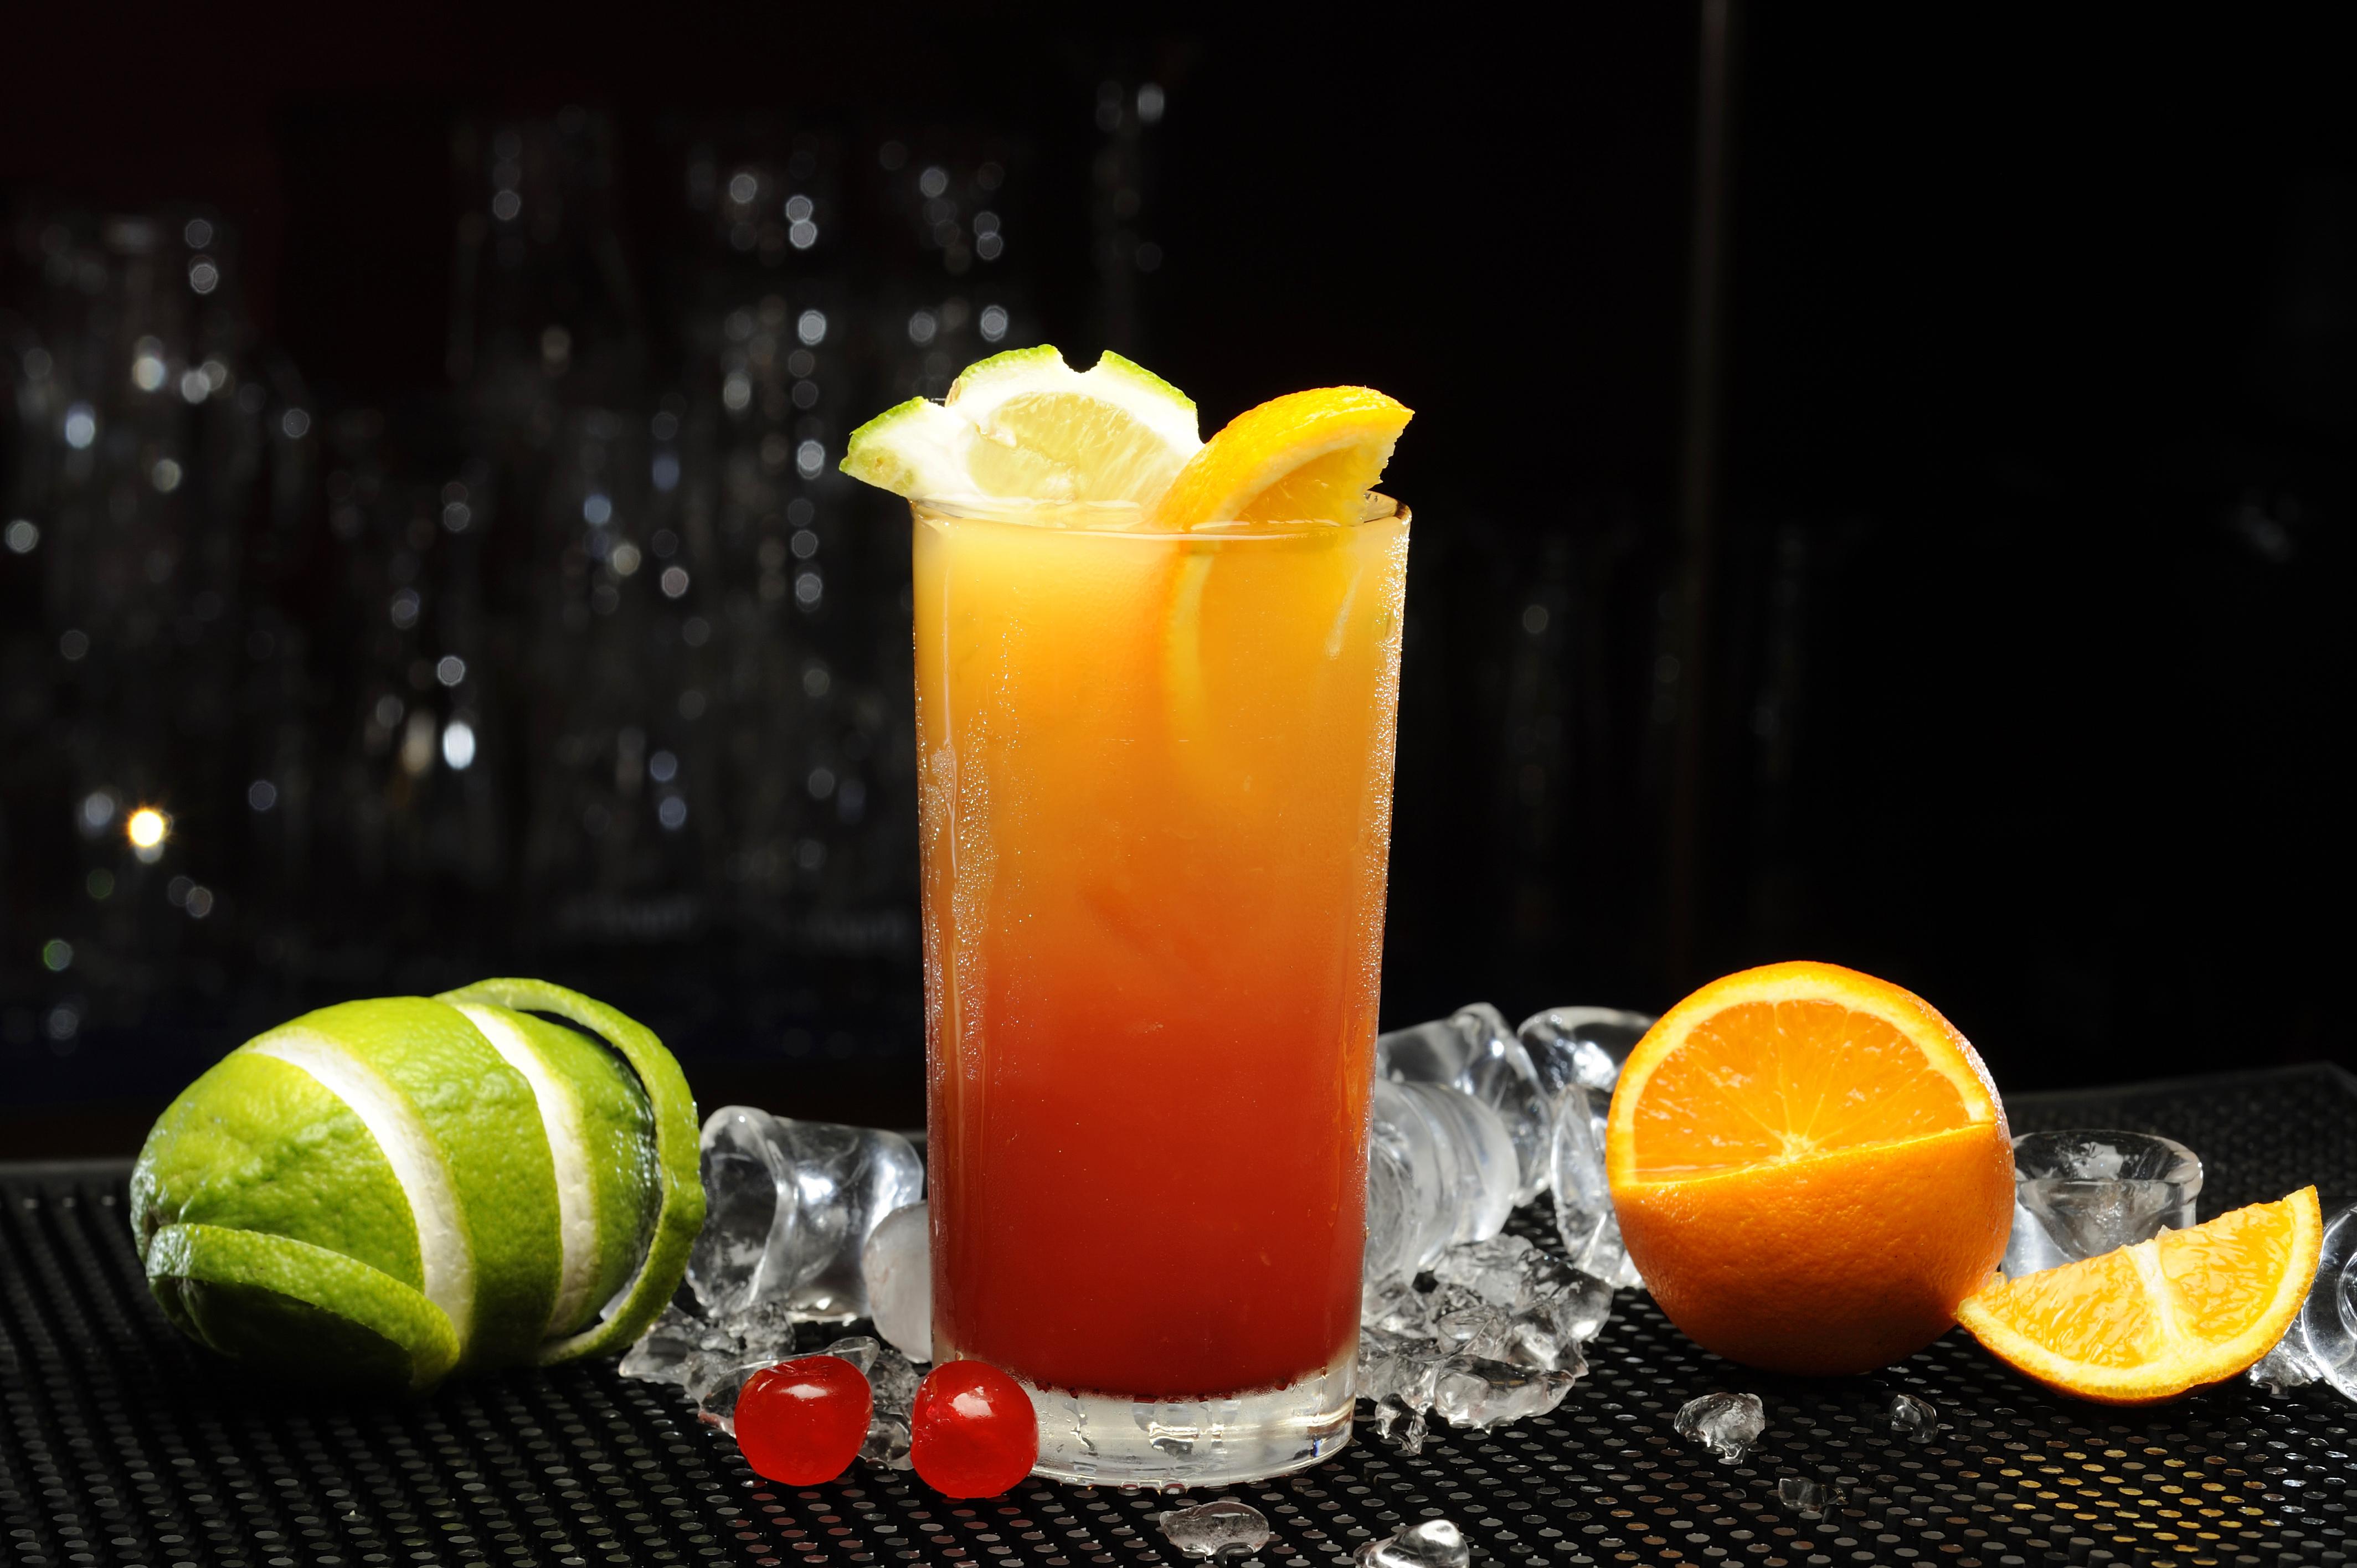 Cocktail Fonds d'écran, Arrières-plan   4256x2832   ID:397307